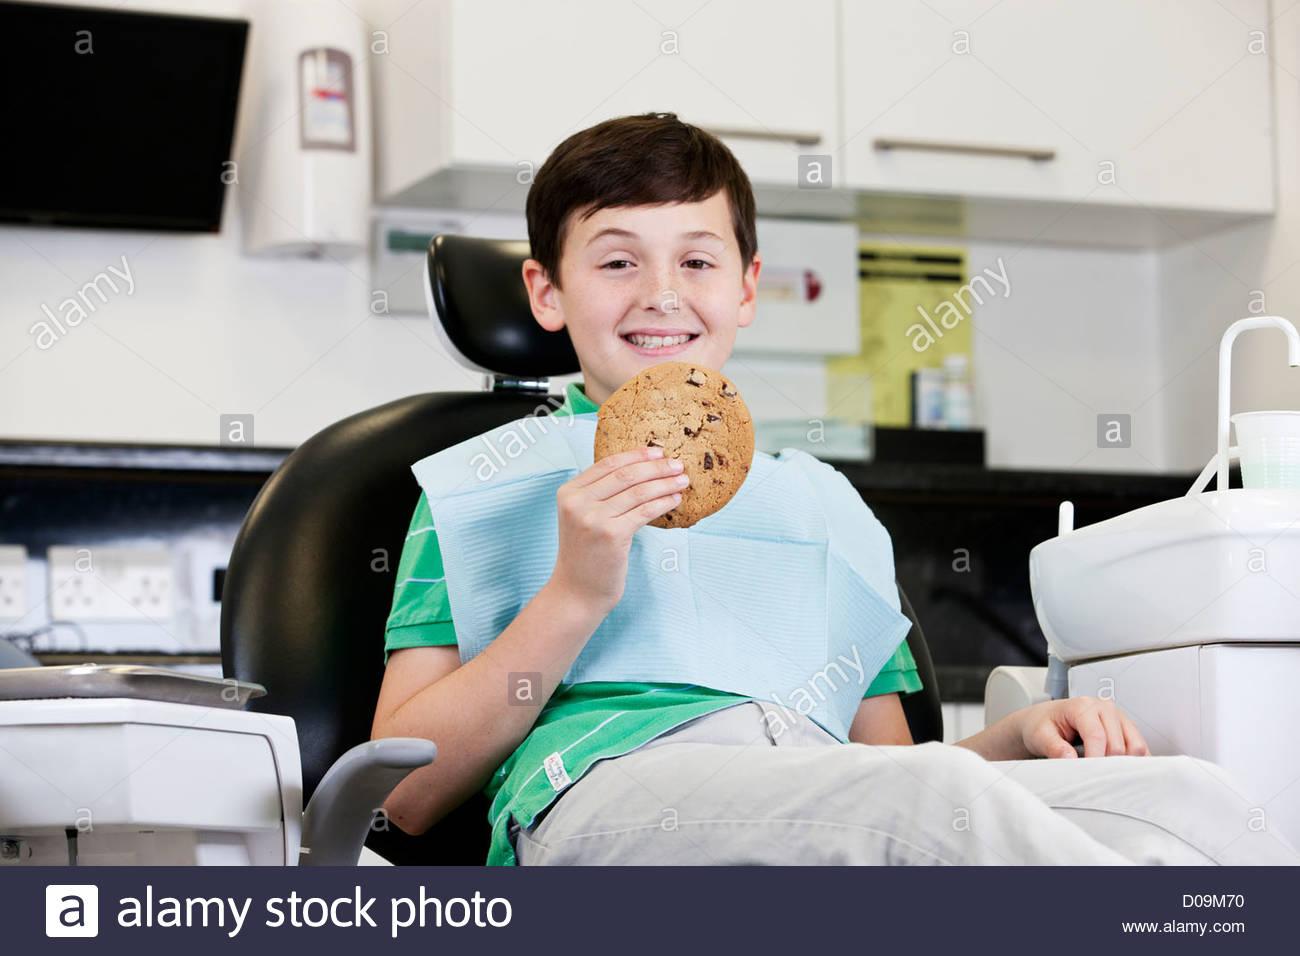 Un jeune garçon chez le dentiste tenant un cookie géant Photo Stock